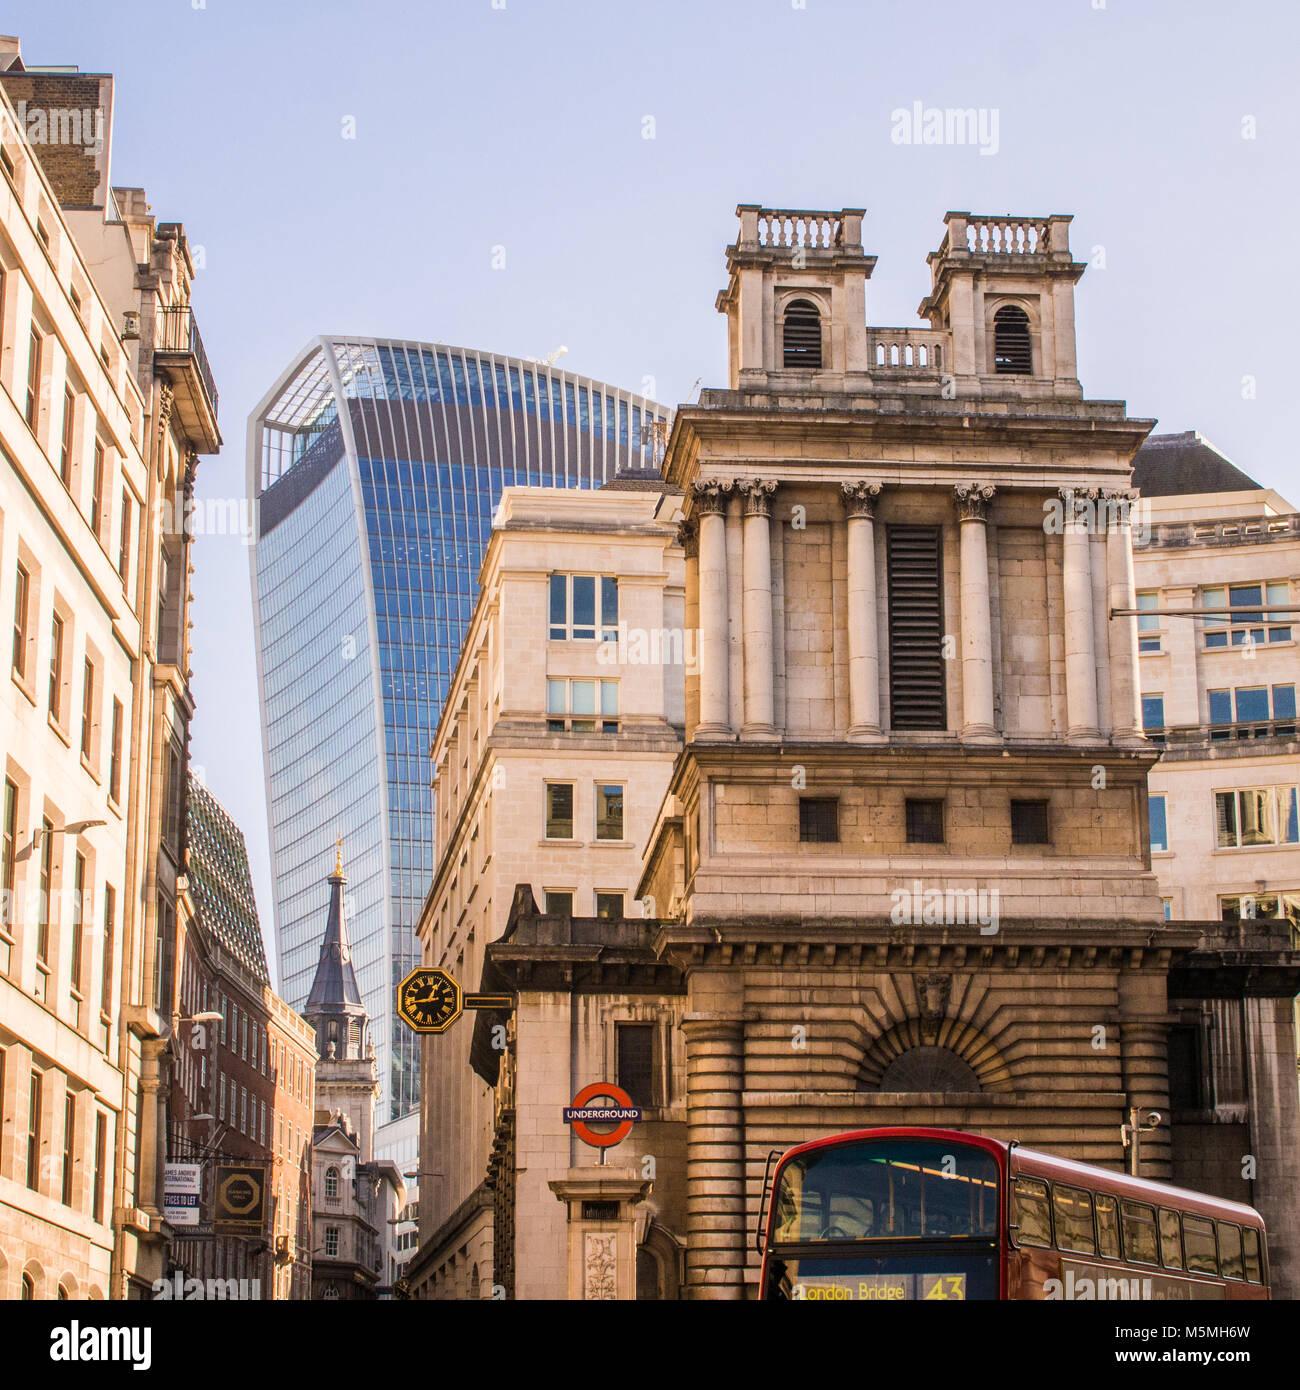 Looking toward the 'Walkie Talkie' Sky Scraper housing the 'Sky Garden'. London. - Stock Image